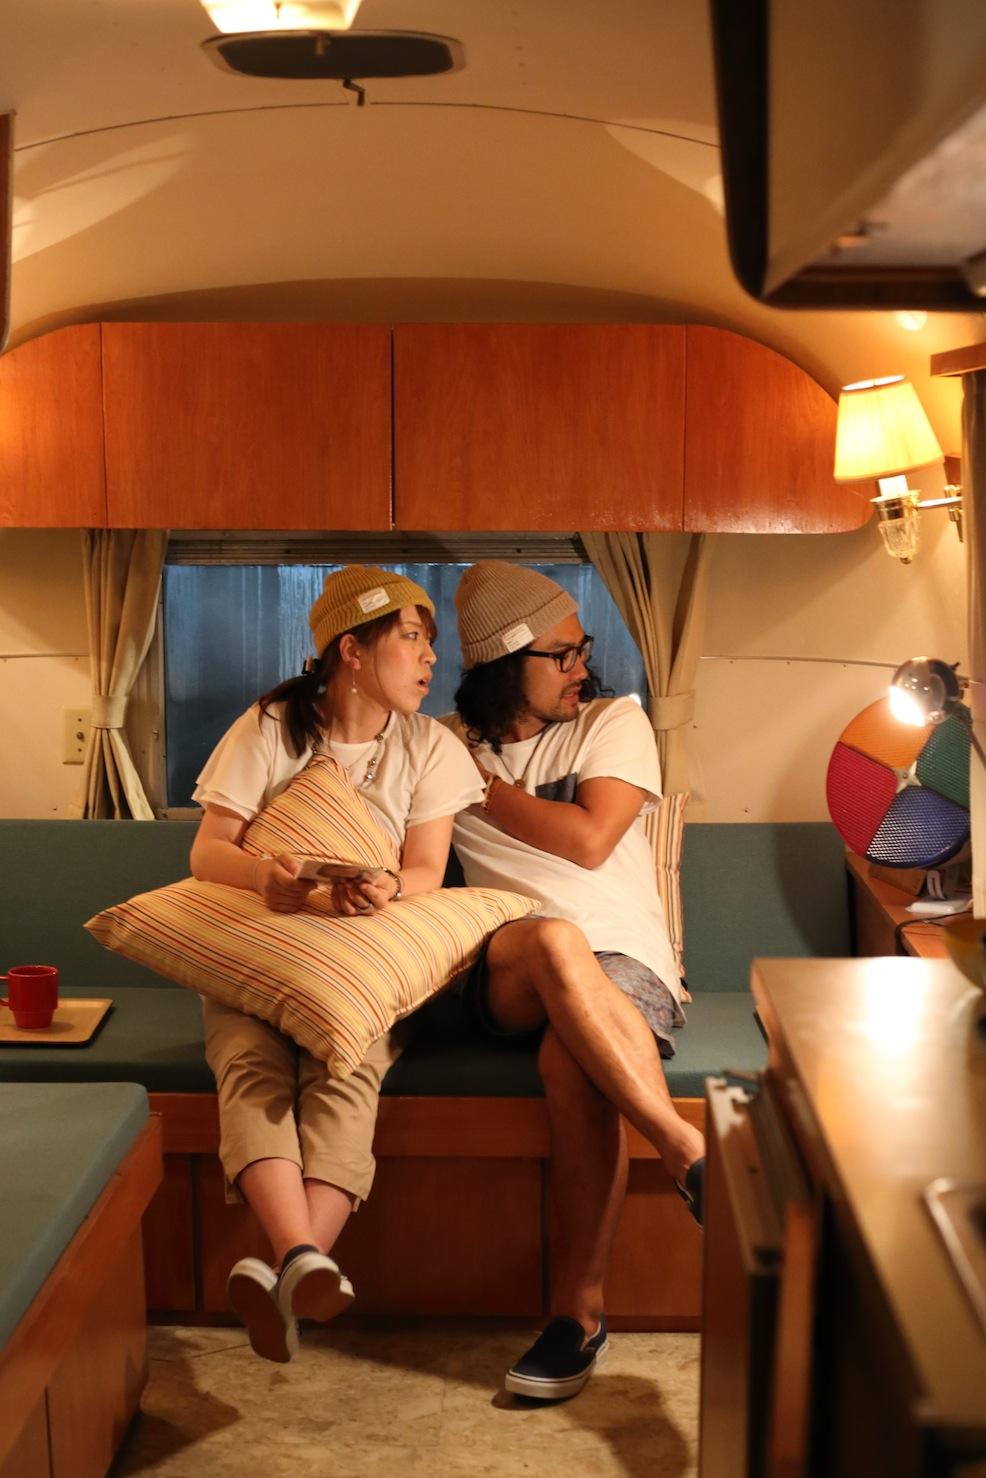 Airstream エアストリーム_d0081605_16215388.jpg